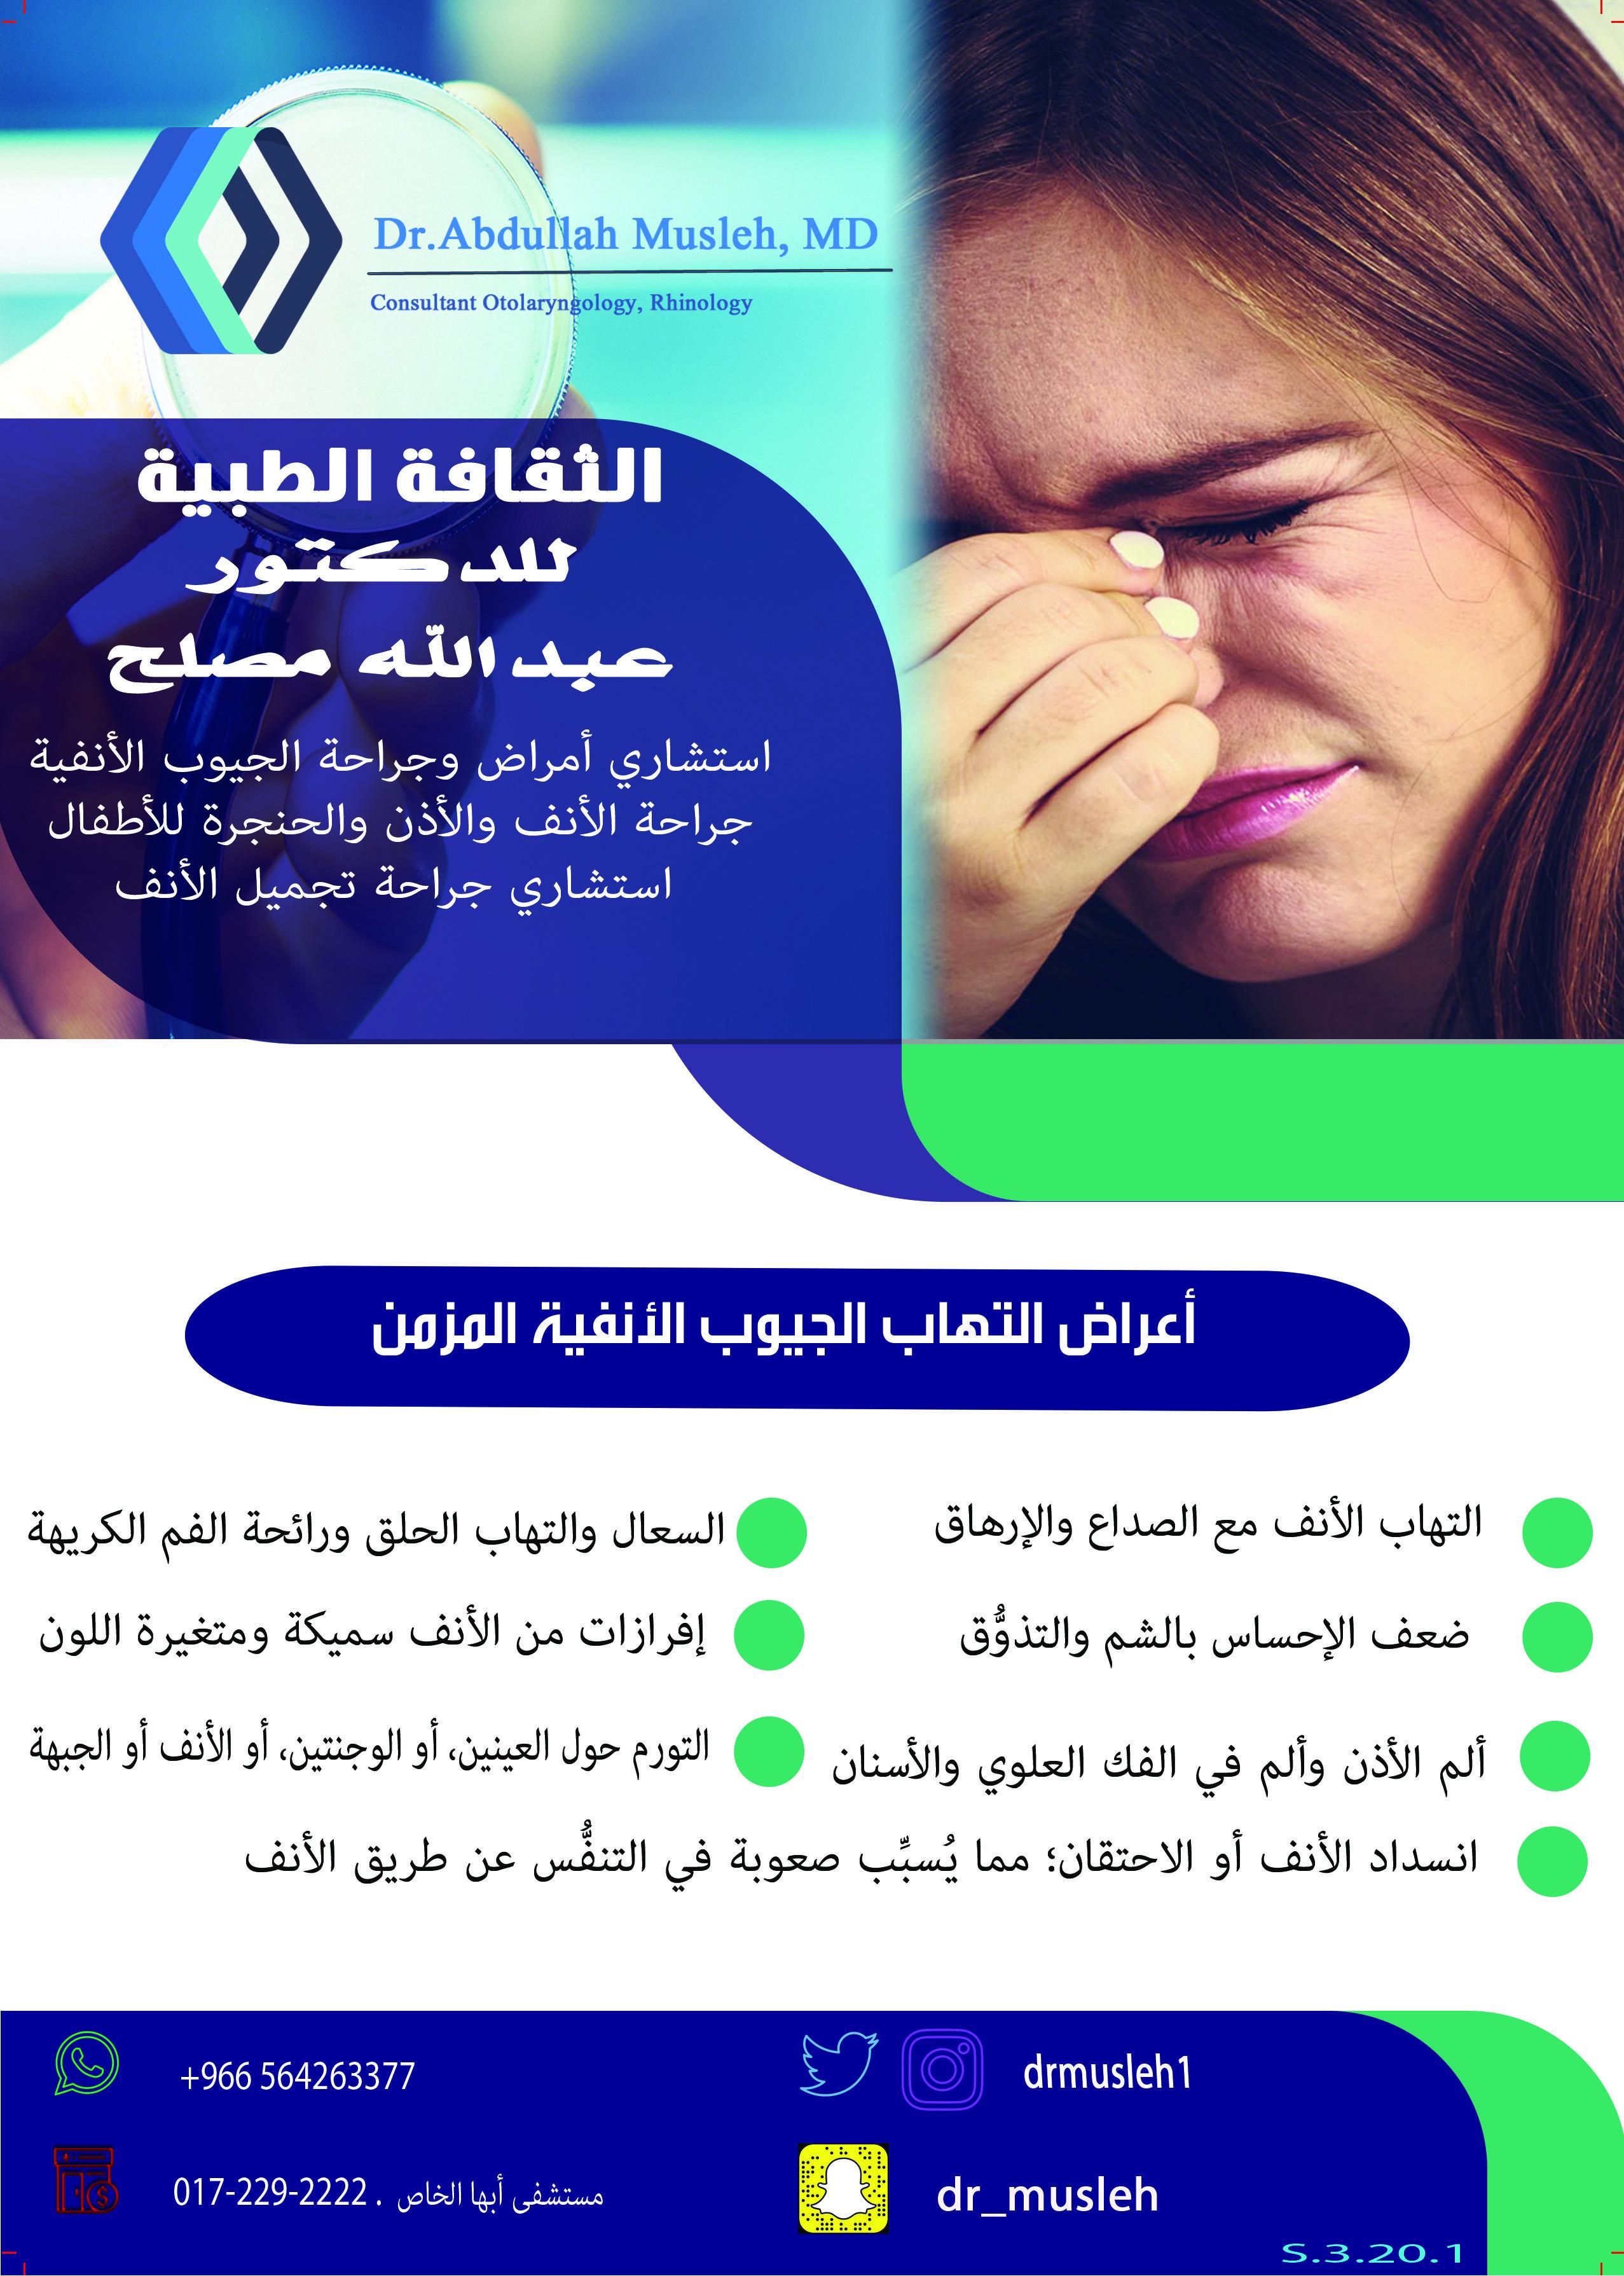 اعراض التهاب الجيوب الانفيه للدكتور عبدالله مصلح Incoming Call Screenshot Agl Incoming Call